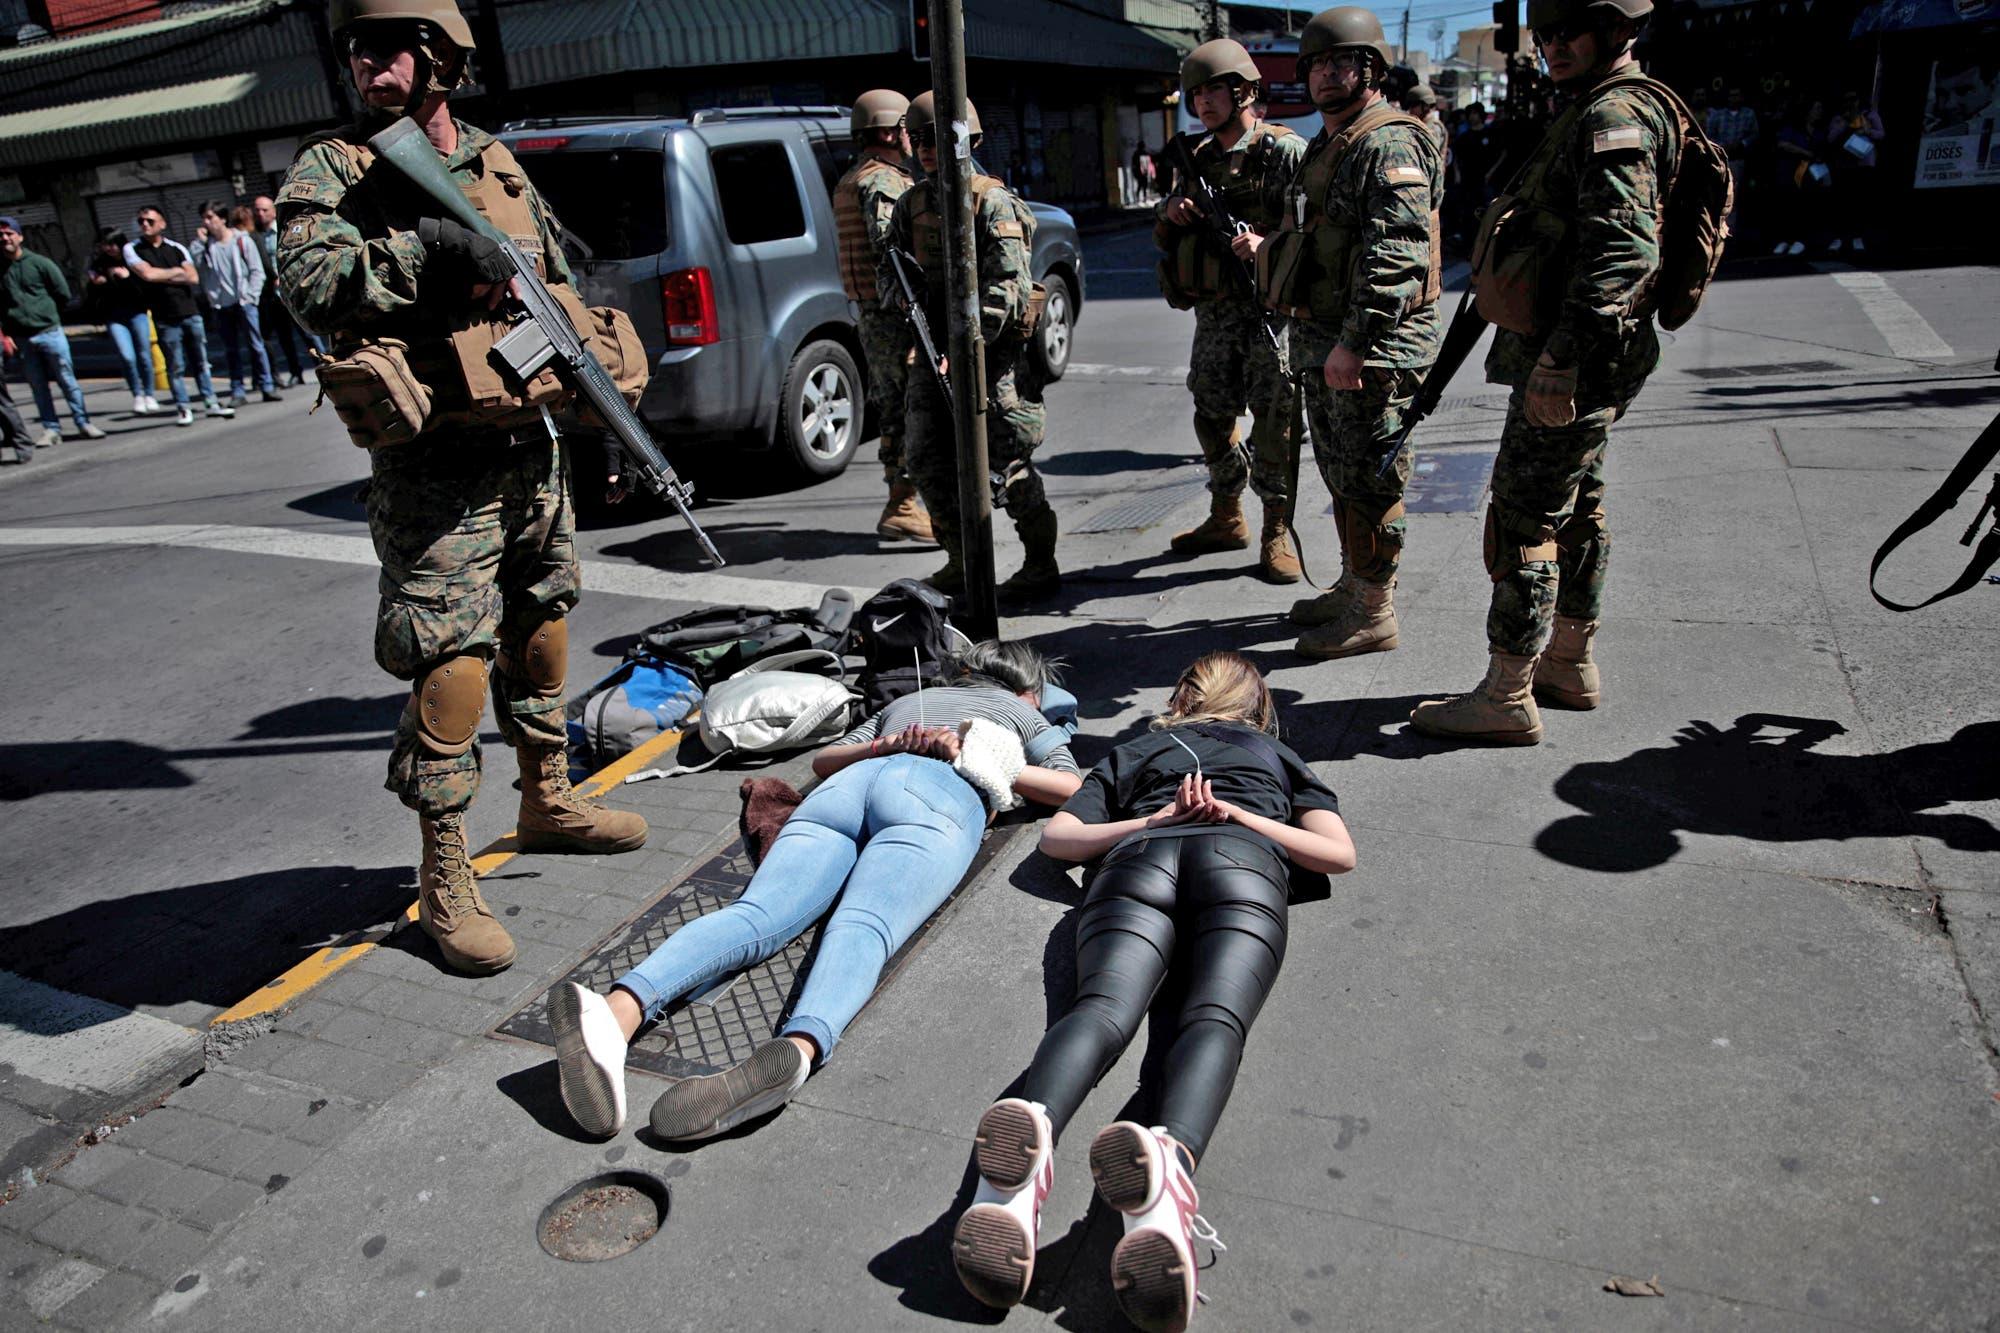 Crisis en Chile: Las 6 noticias más recientes que debes conocer